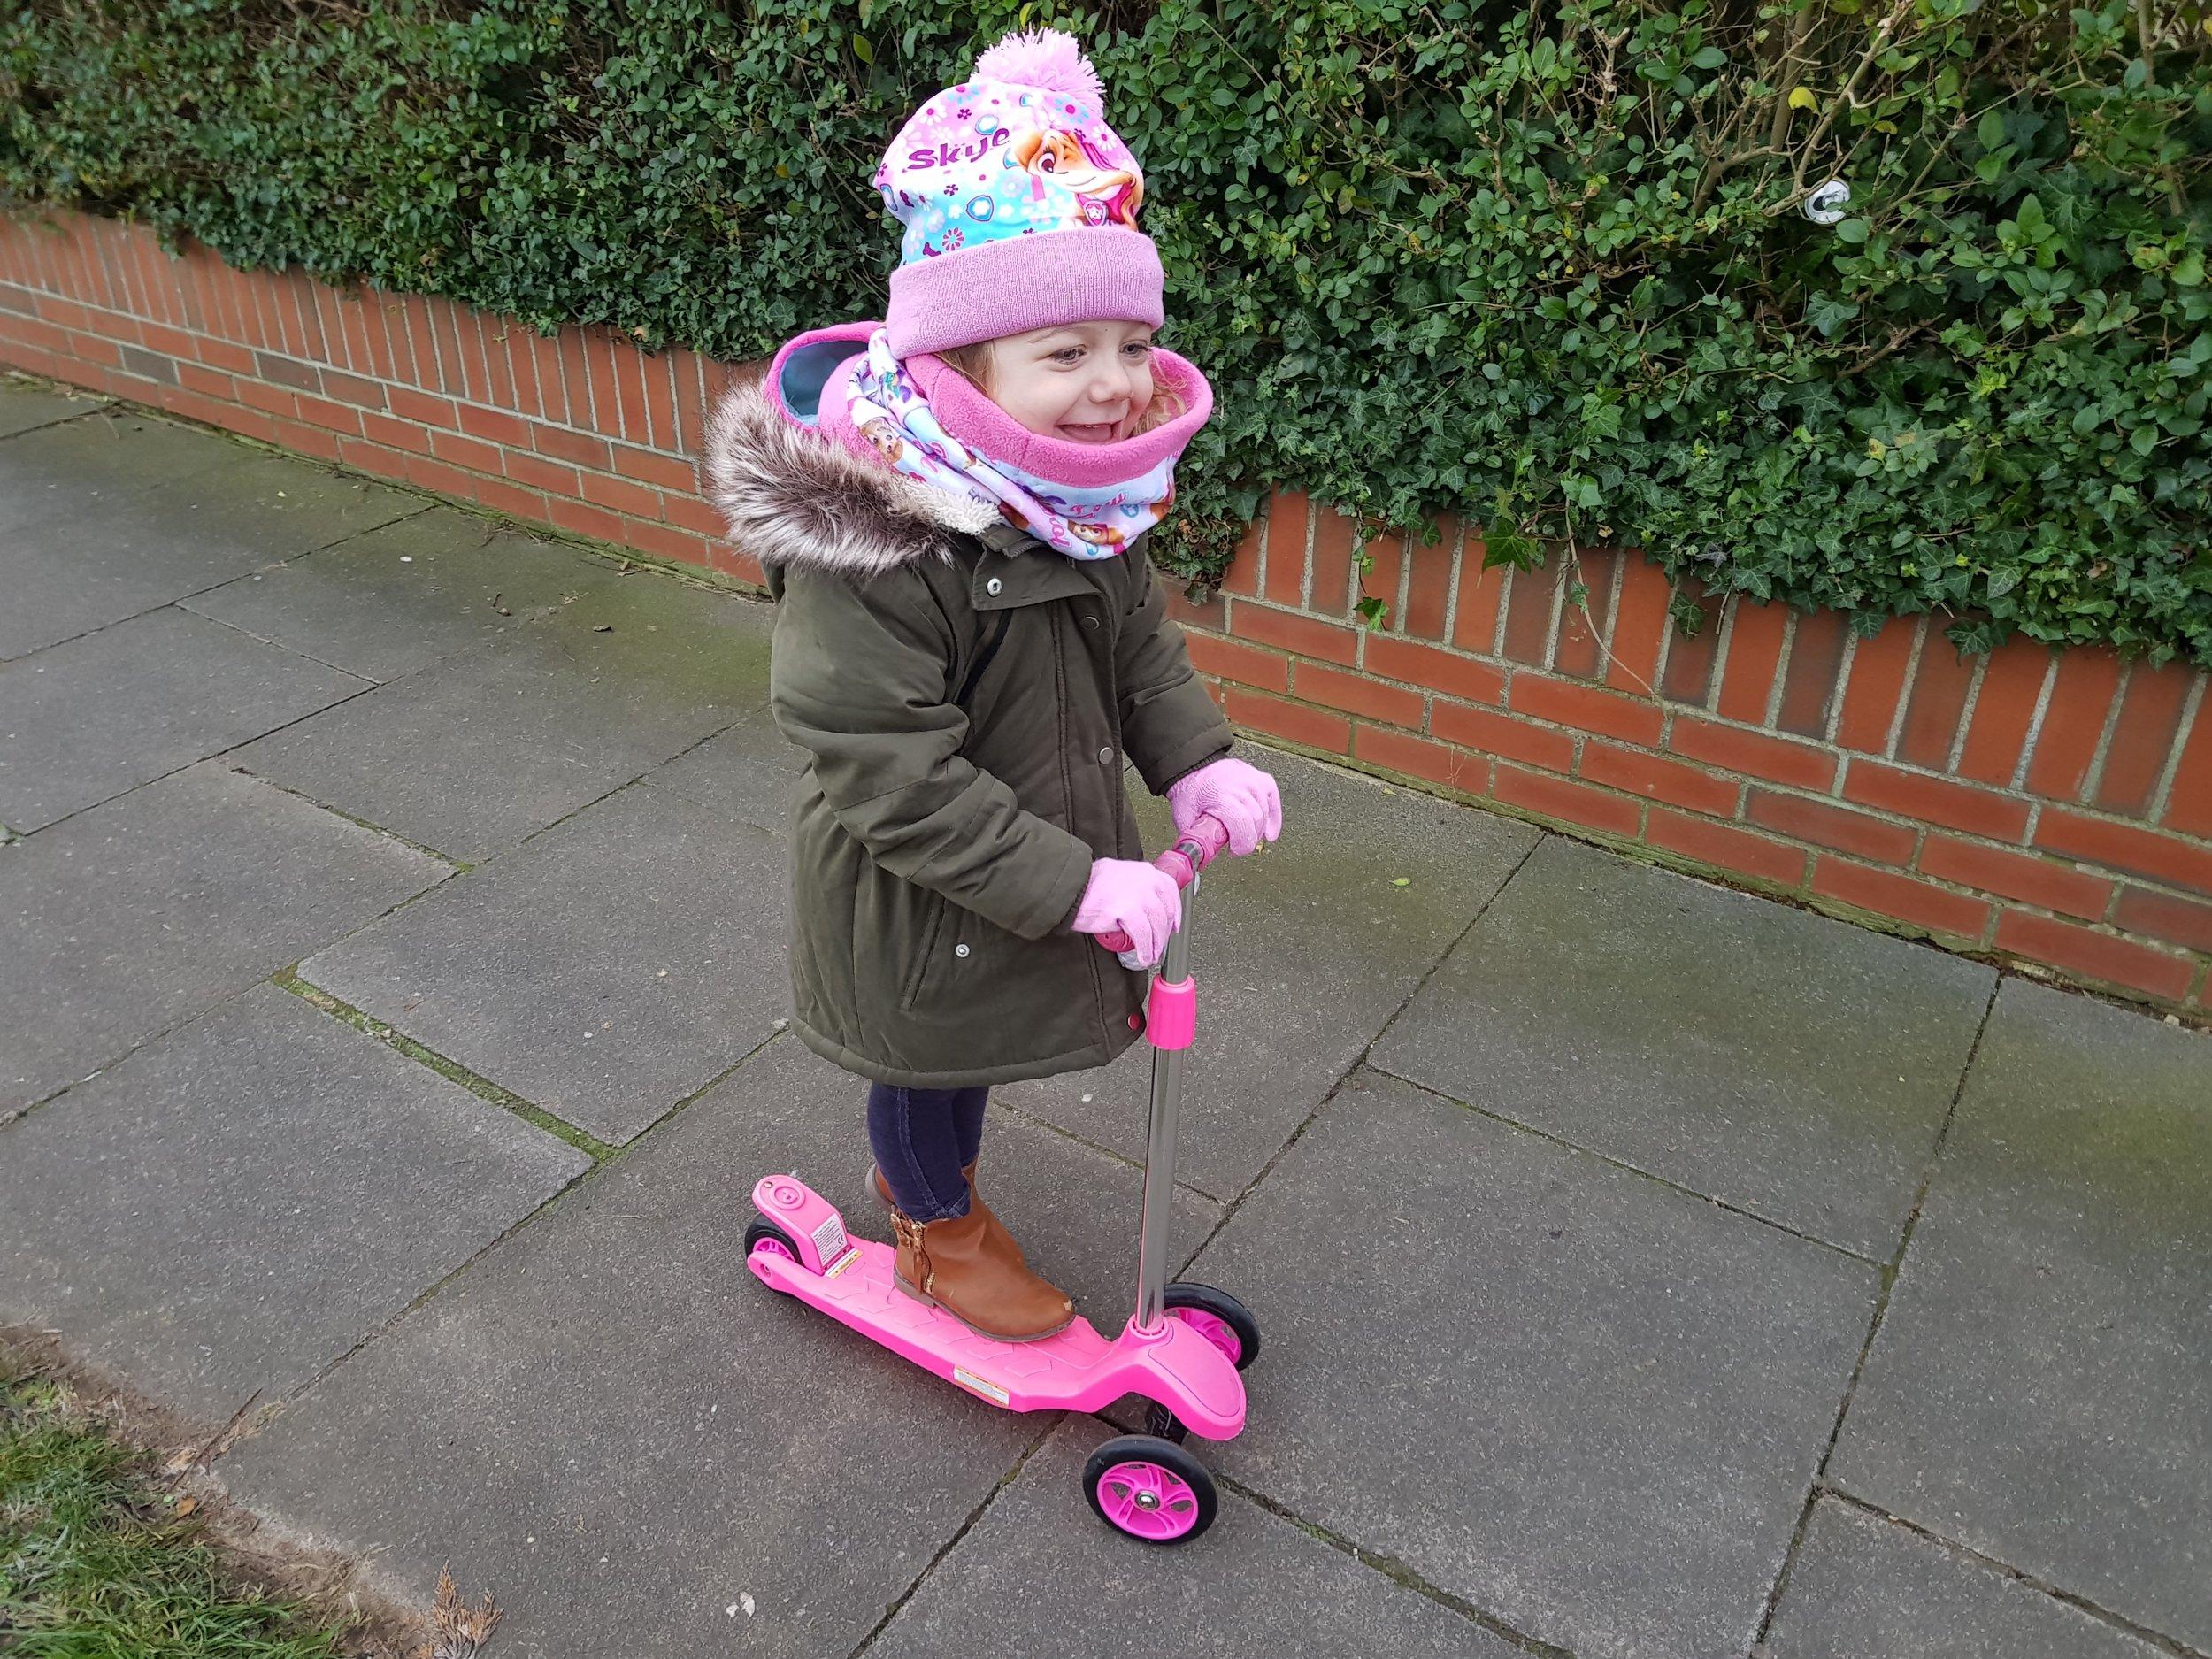 Scootering to preschool